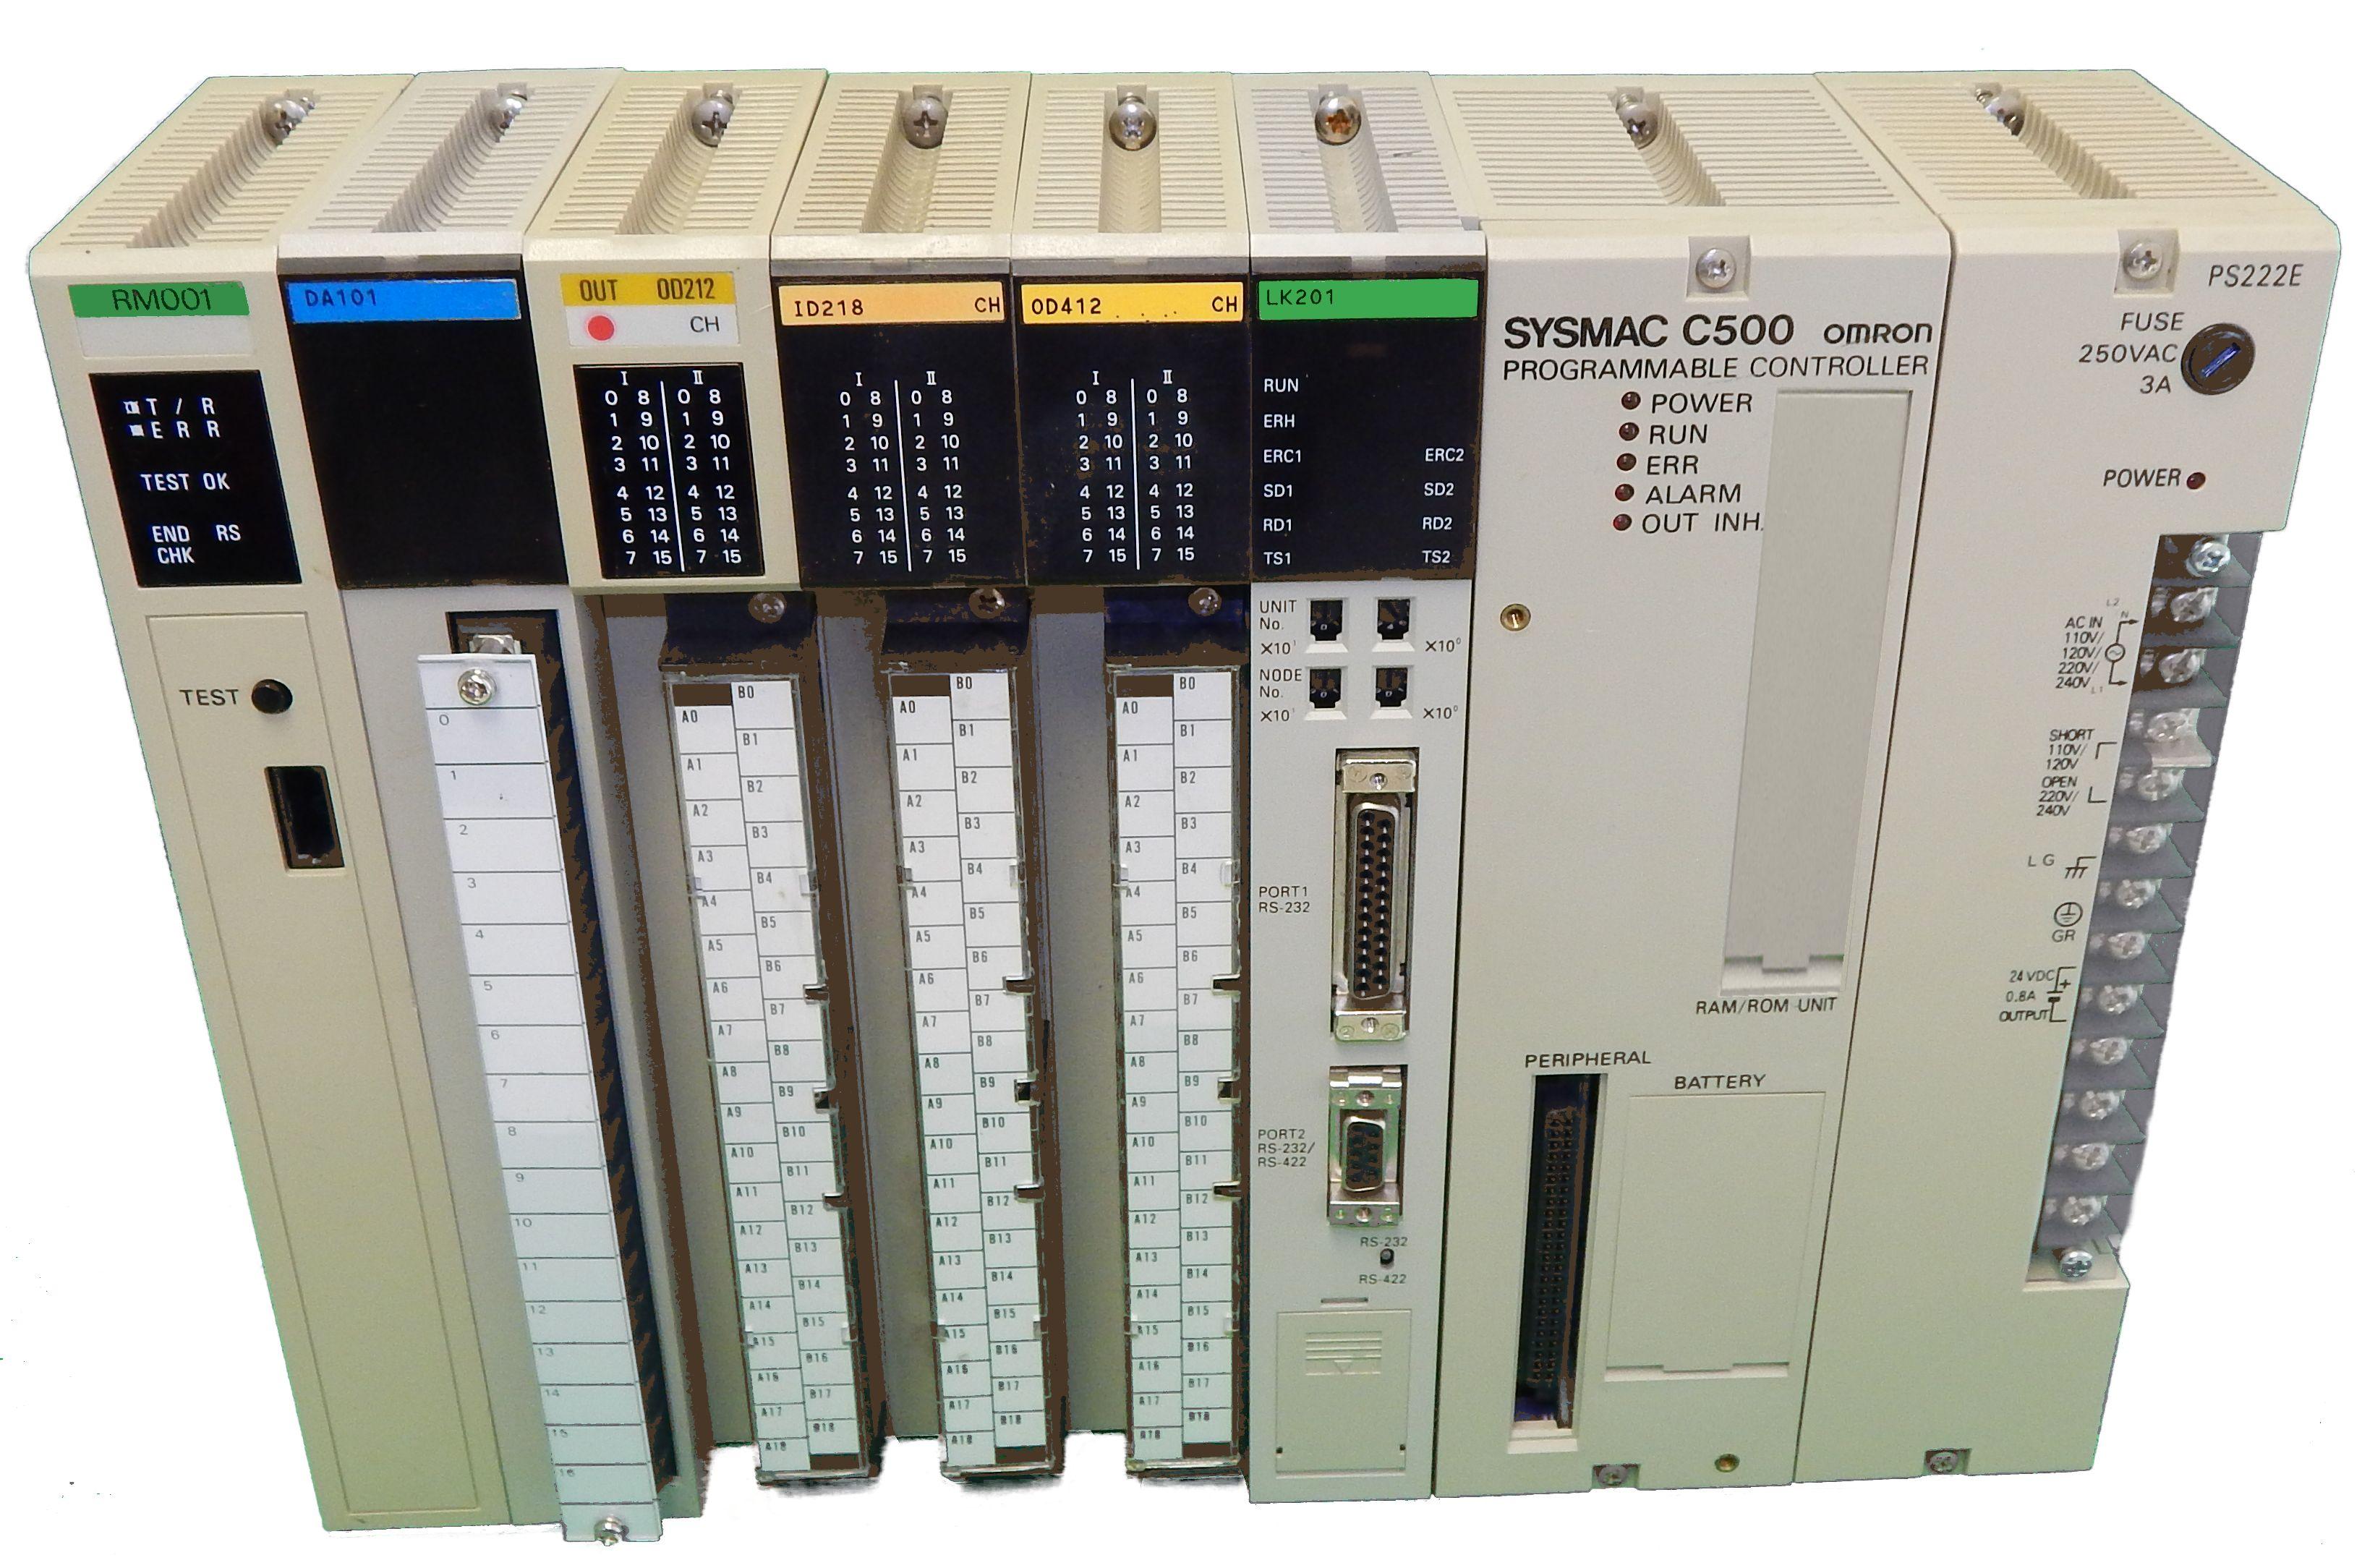 3G2A5-OC221